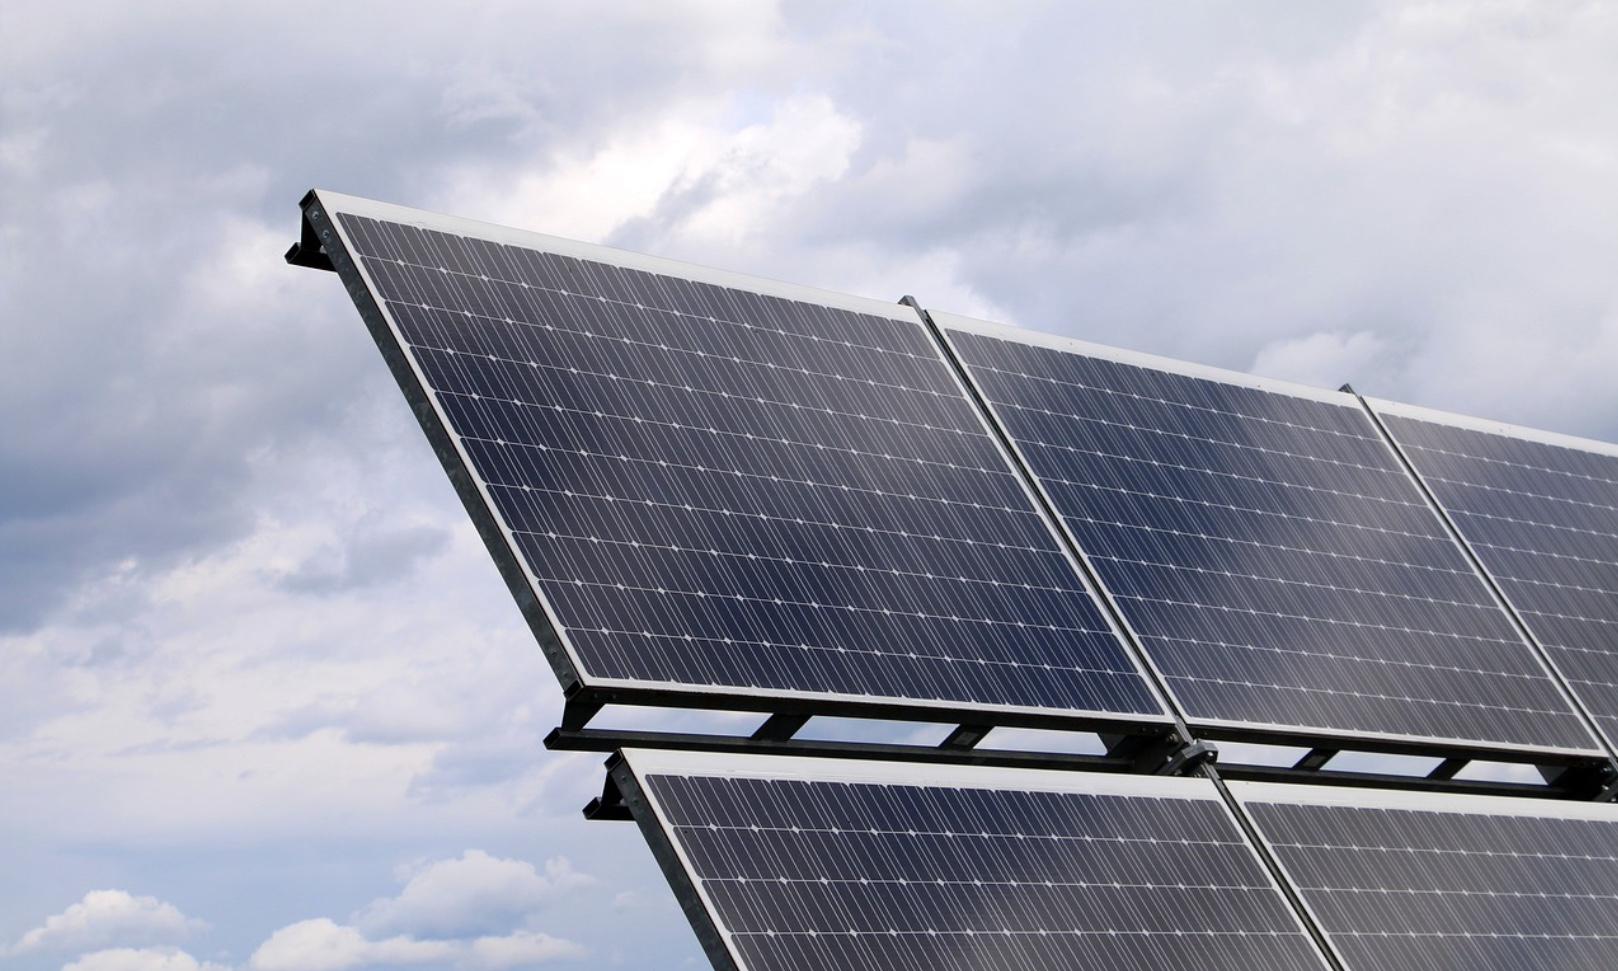 Развитие и реализованные проекты солнечной энергетики в россии | архив с.о.к. | 2019 | №9